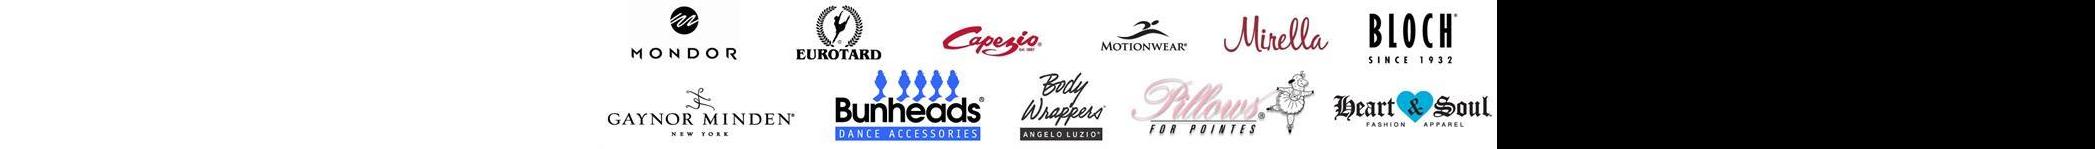 capezio bodywrapper bloch logos